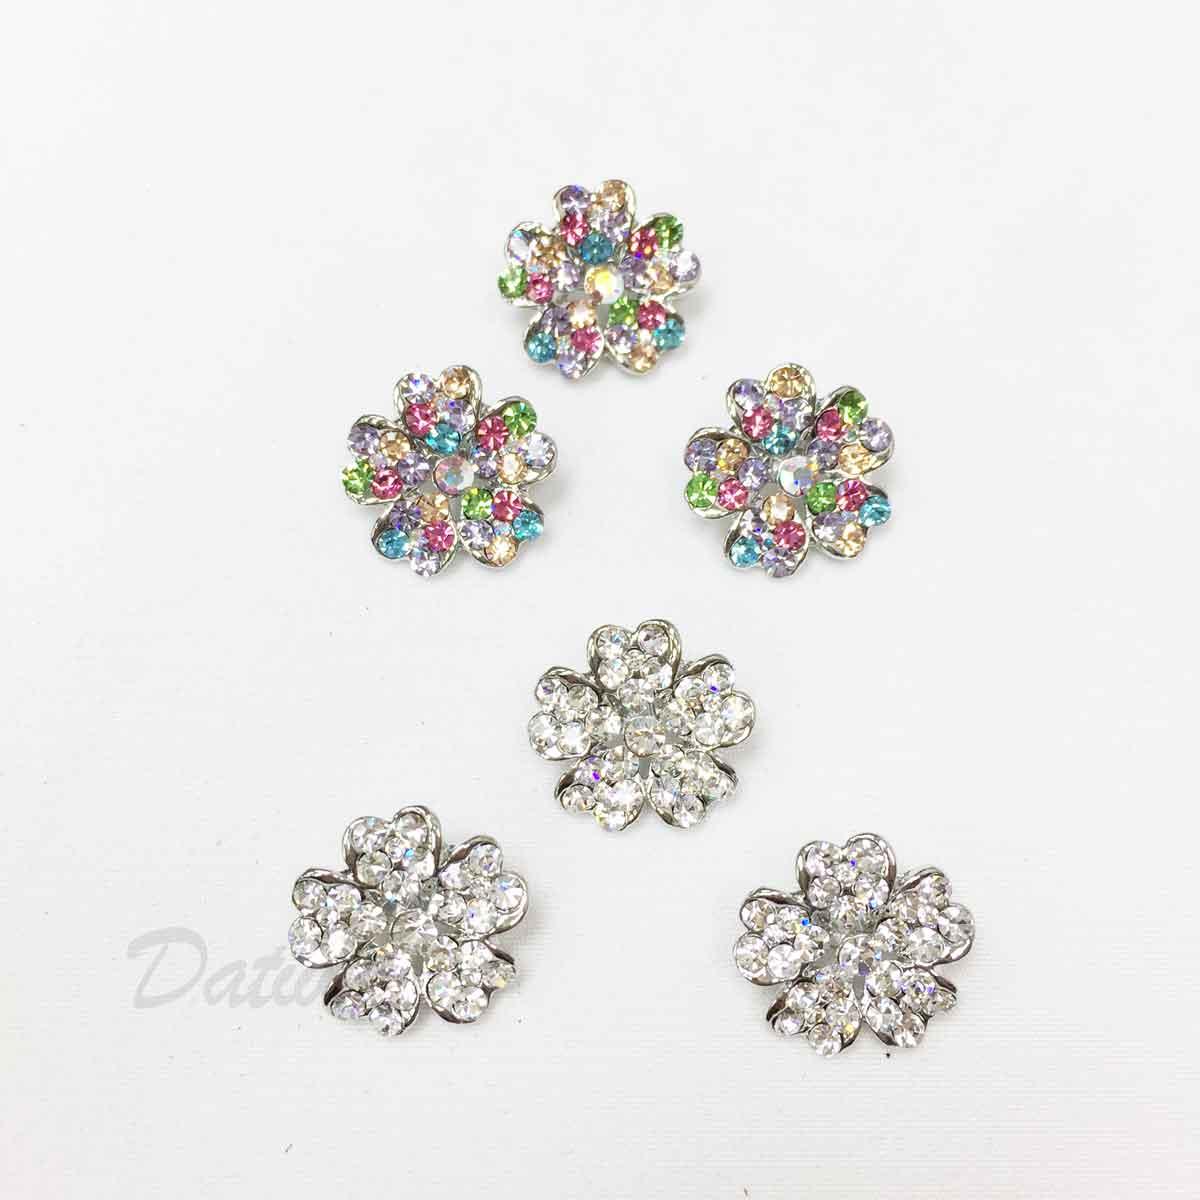 幸運草 花朵 彩色水鑽 白鑽 可愛 兩色 三入一組 胸針